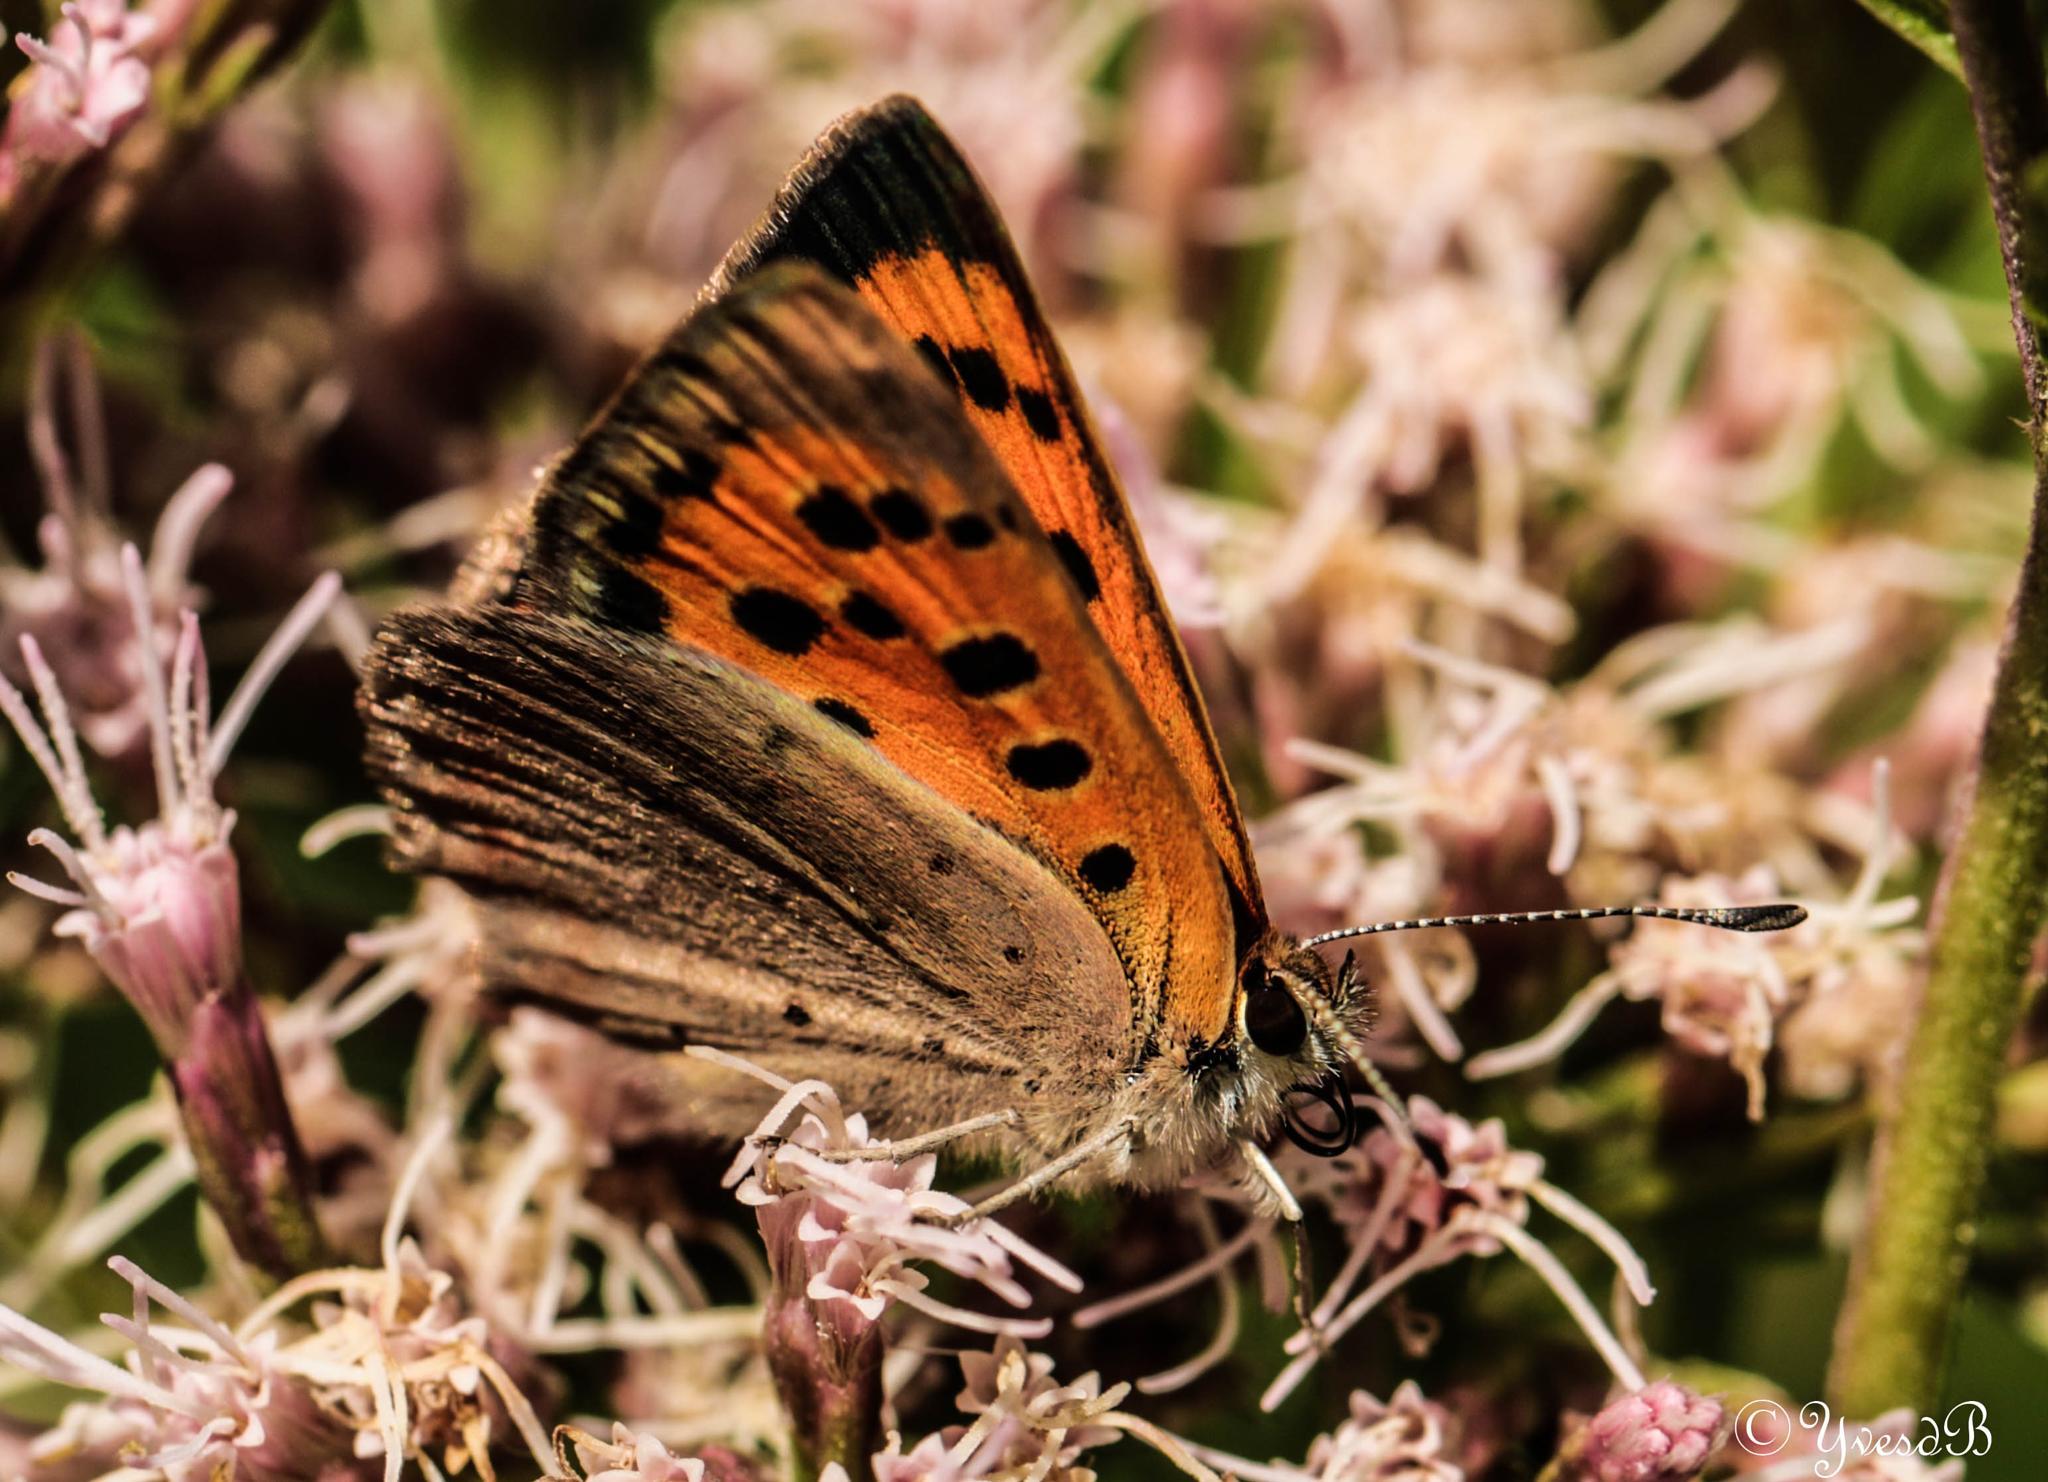 Butterfly by Yves de Boer